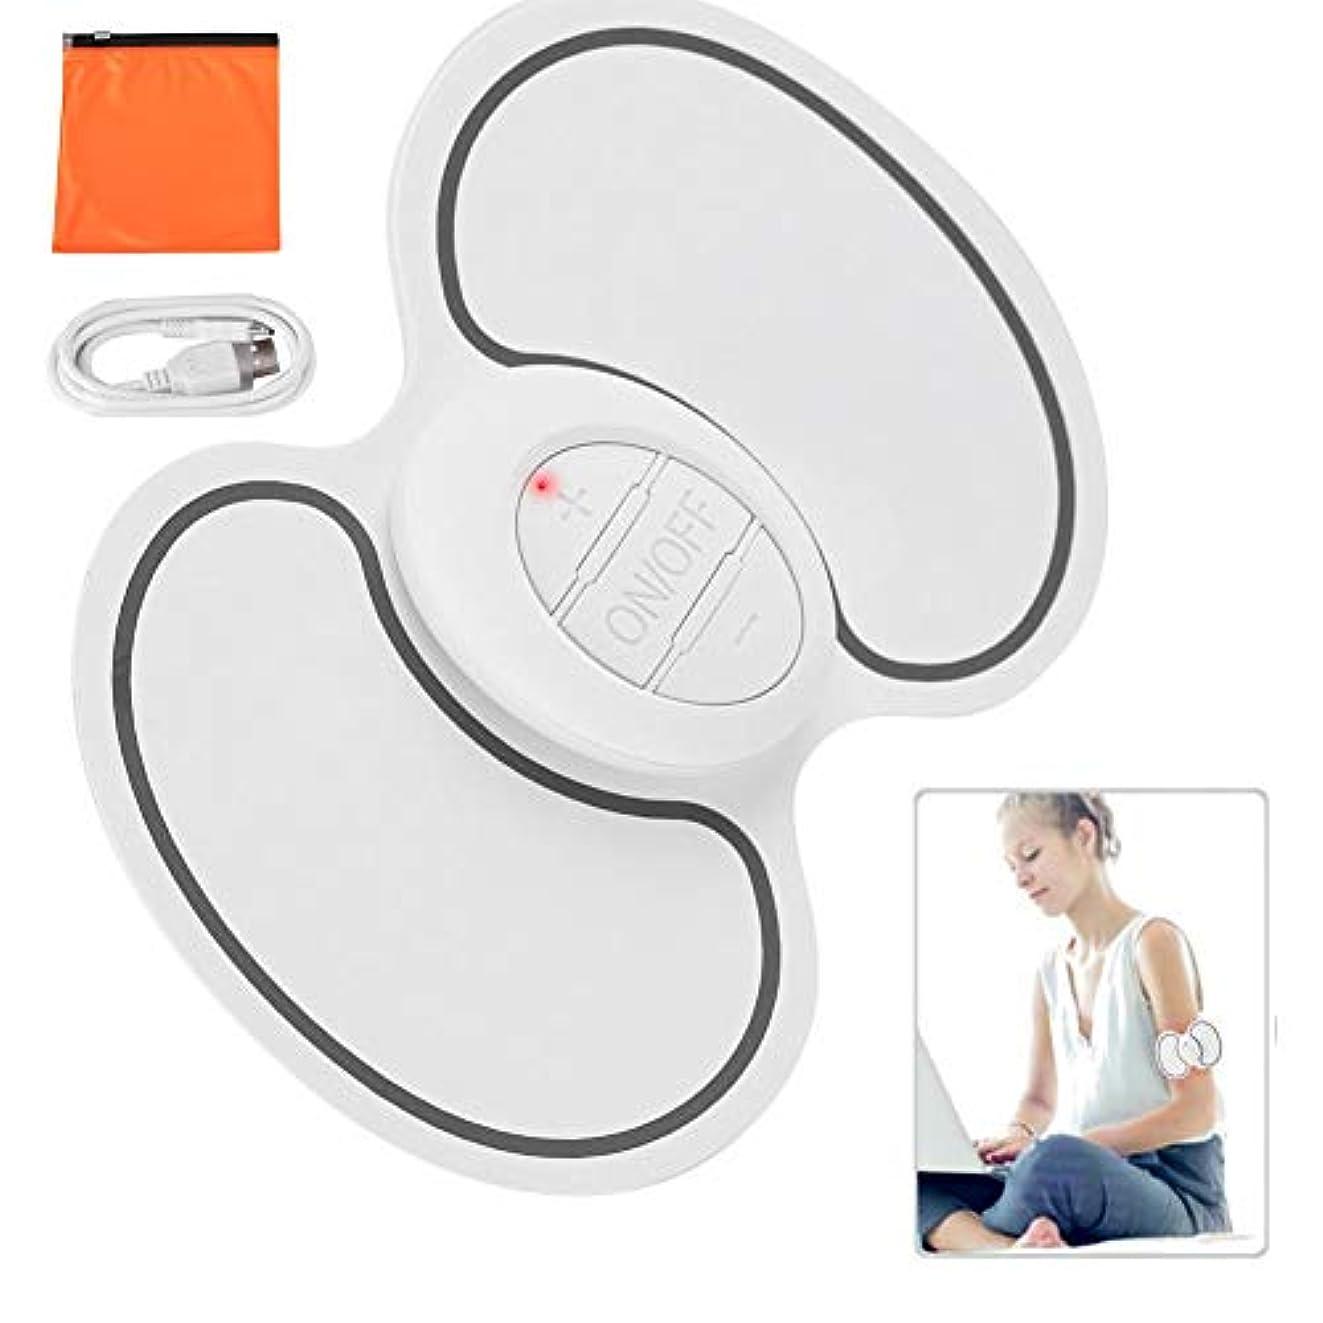 重要配る広々首、背中、肩、自宅での使用、車、オフィスの強度痛み疲労のための熱ディープニーディングマッサージ付きEMCネック肩筋パルスマッサージパッド